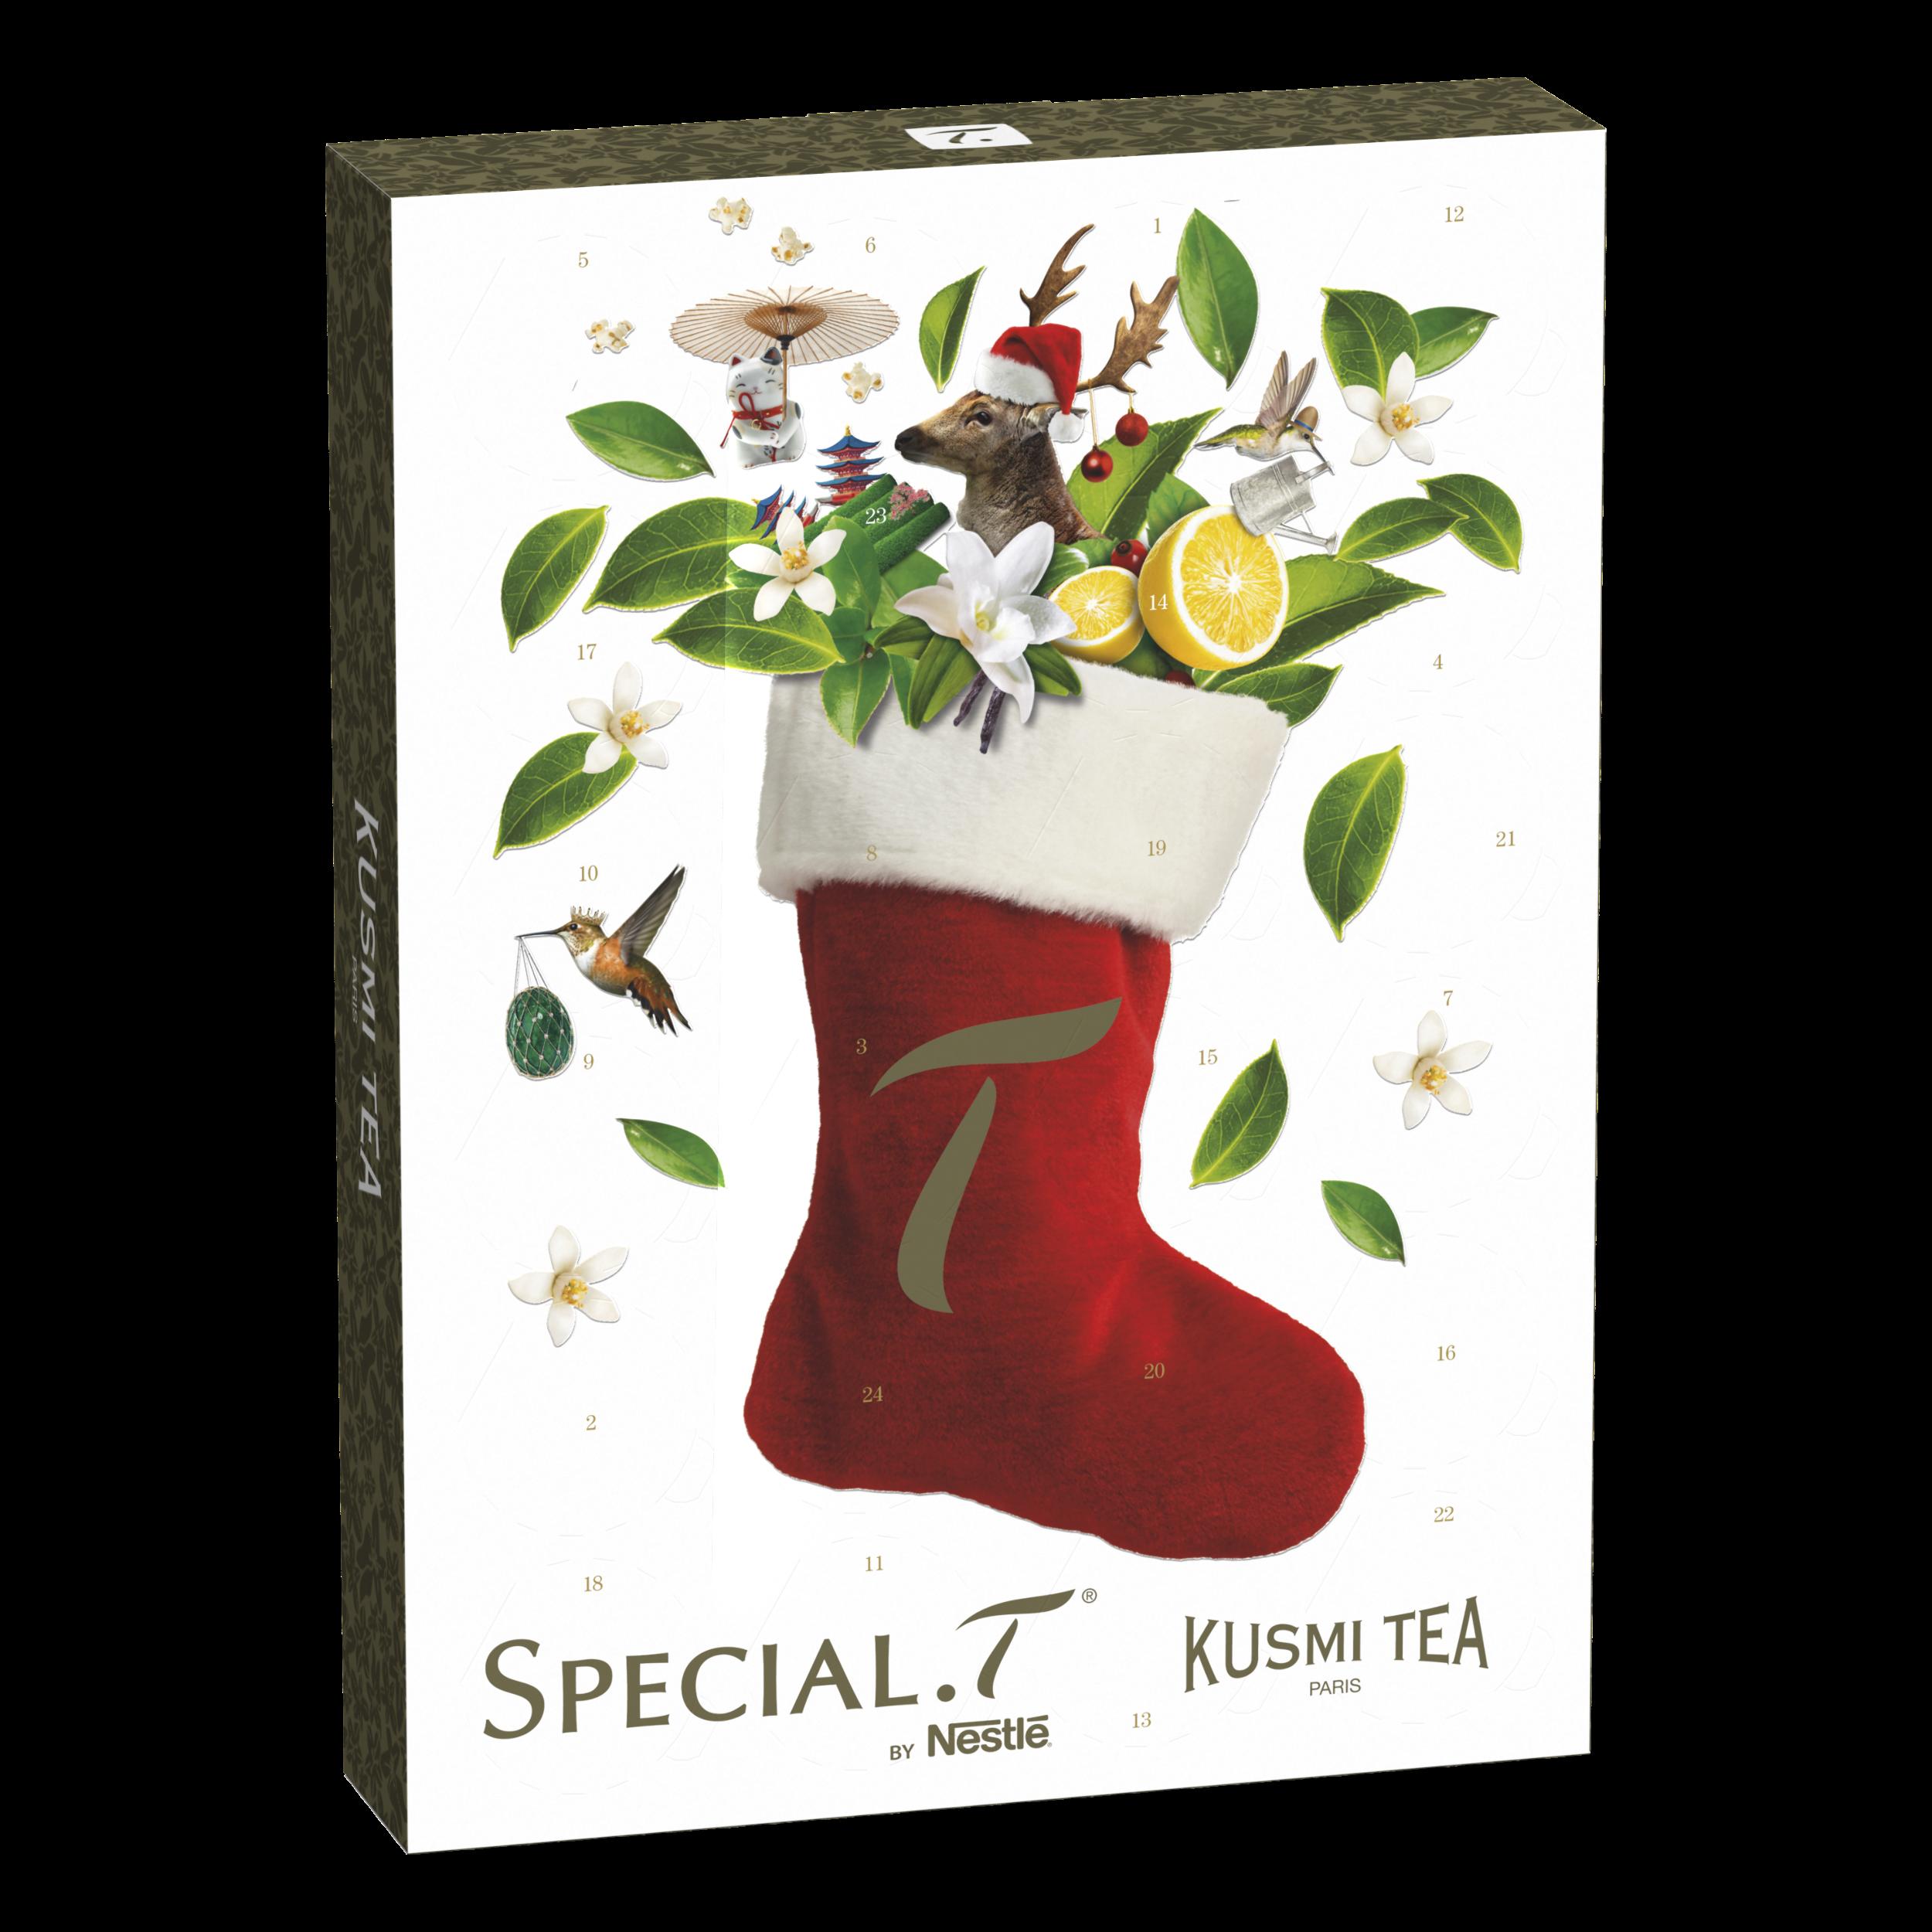 Calendrier de l'Avent Special. T x Kusmi Tea